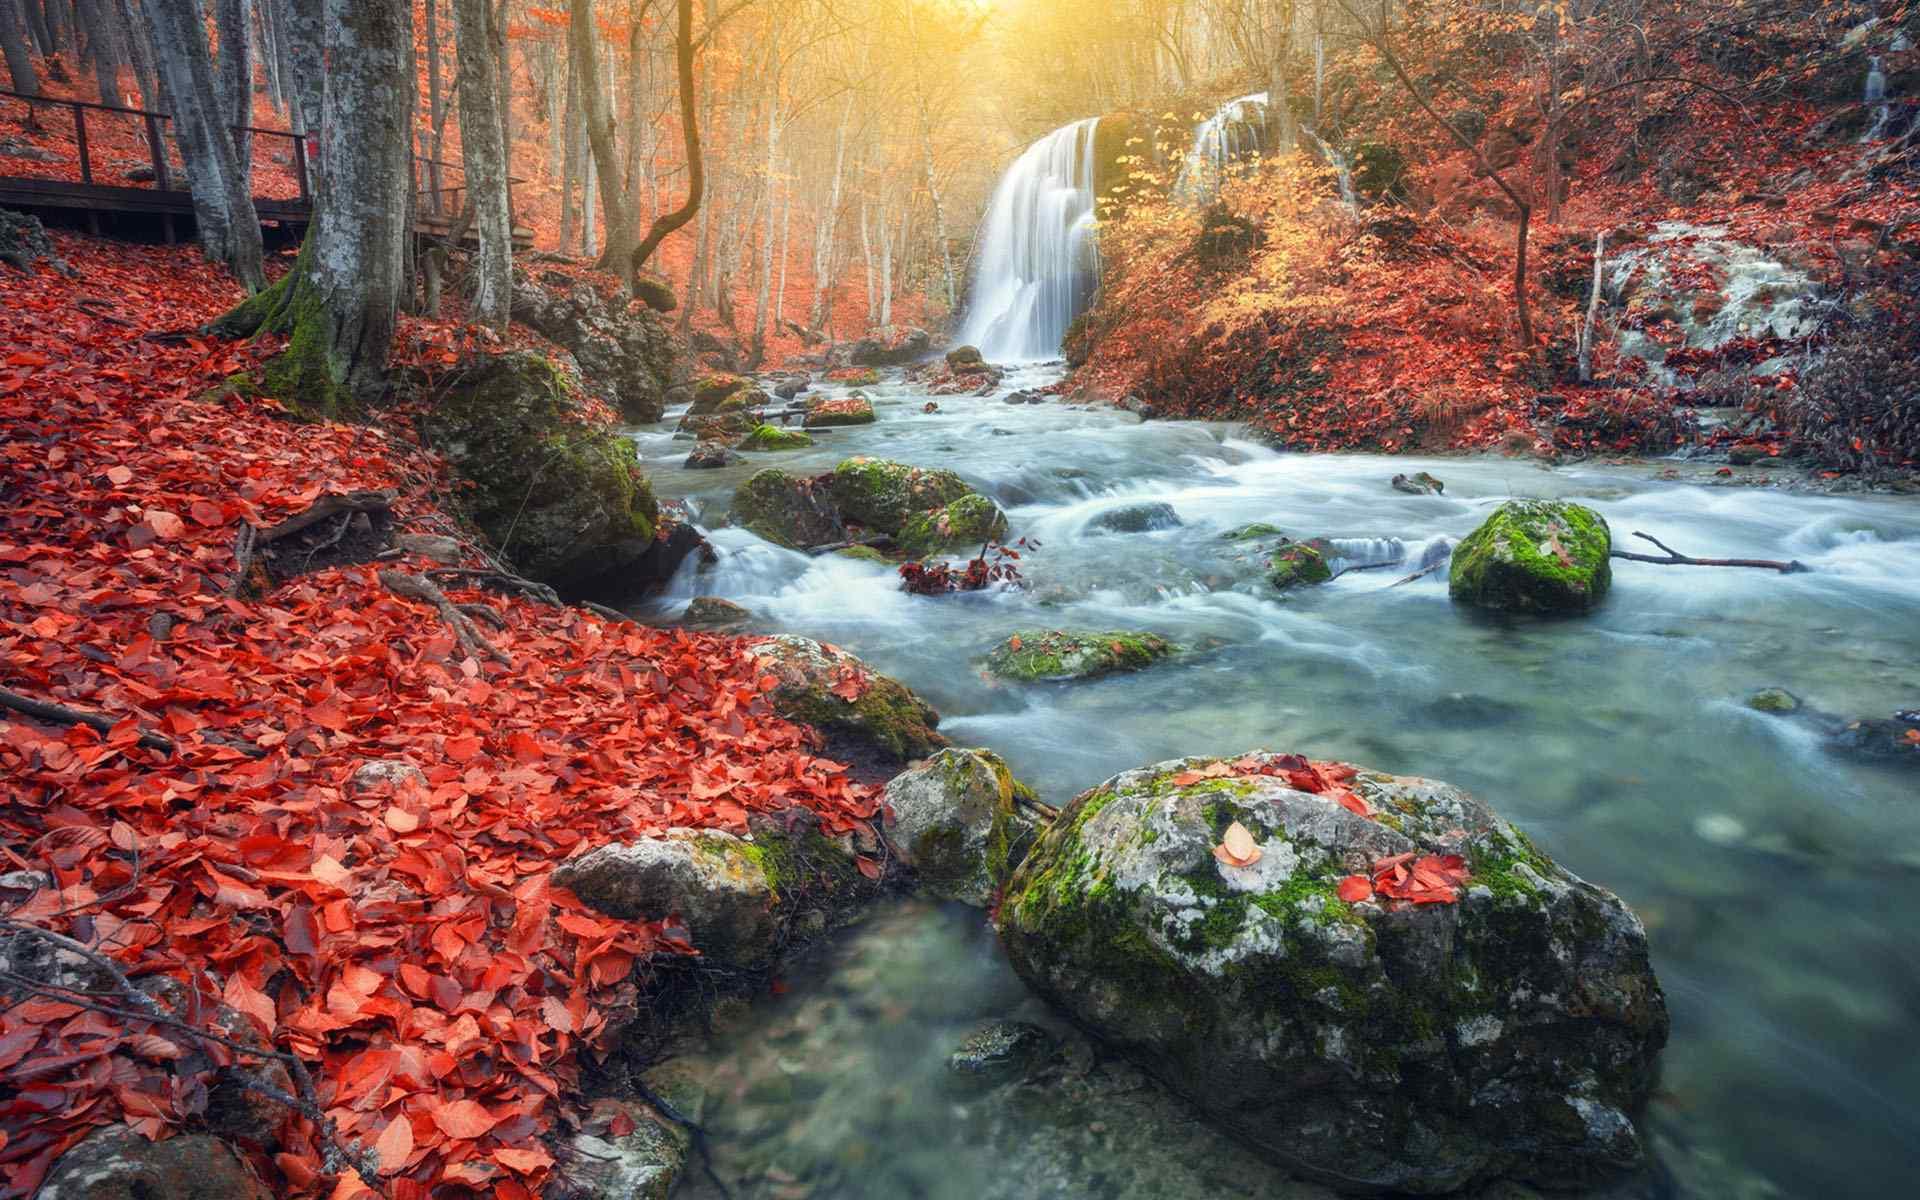 唯美的瀑布风景图片桌面壁纸图片